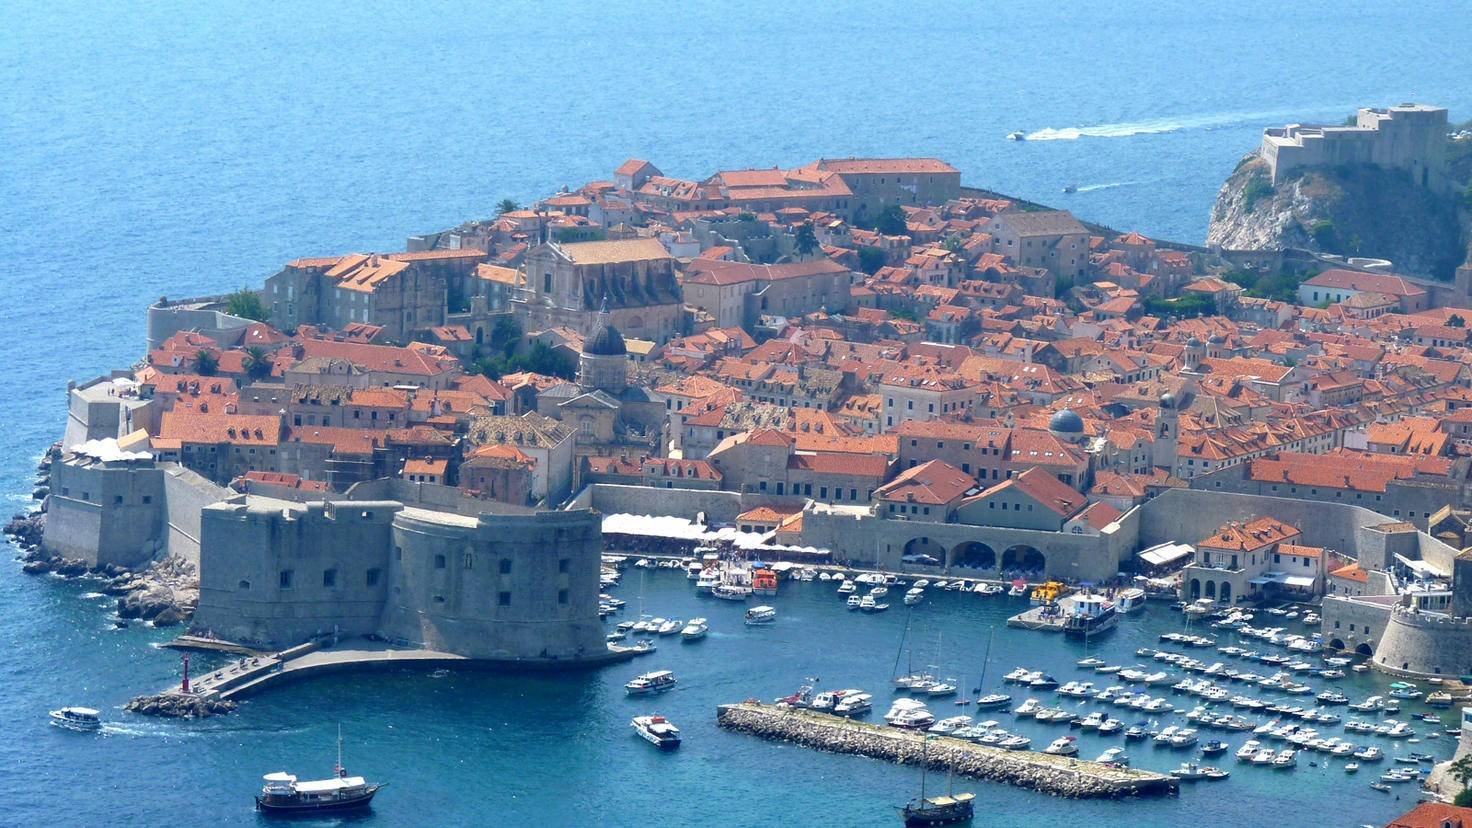 Eigentlich verraten nur die zahlreichen Segelschiffe, dass es sich hier nicht um Königsmund handelt, sondern um den Drehort Dubrovnik in Kroatien.